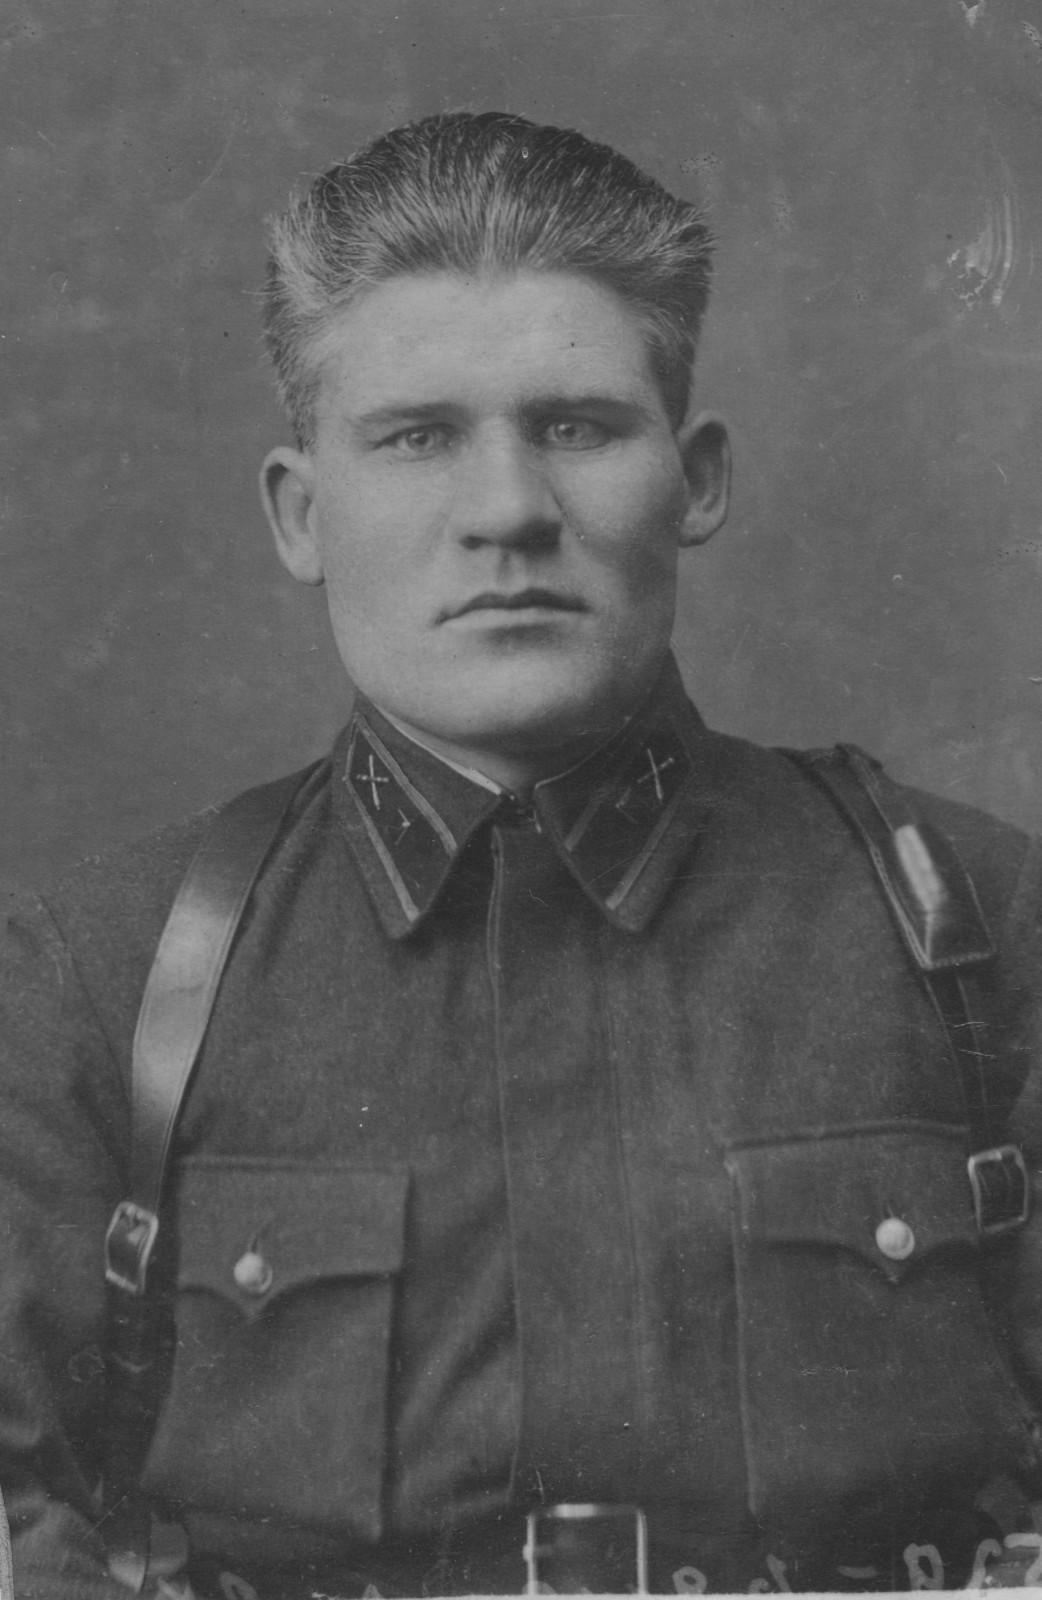 Дуров Н.А. 1939. Фото из архива Крышова С.И.